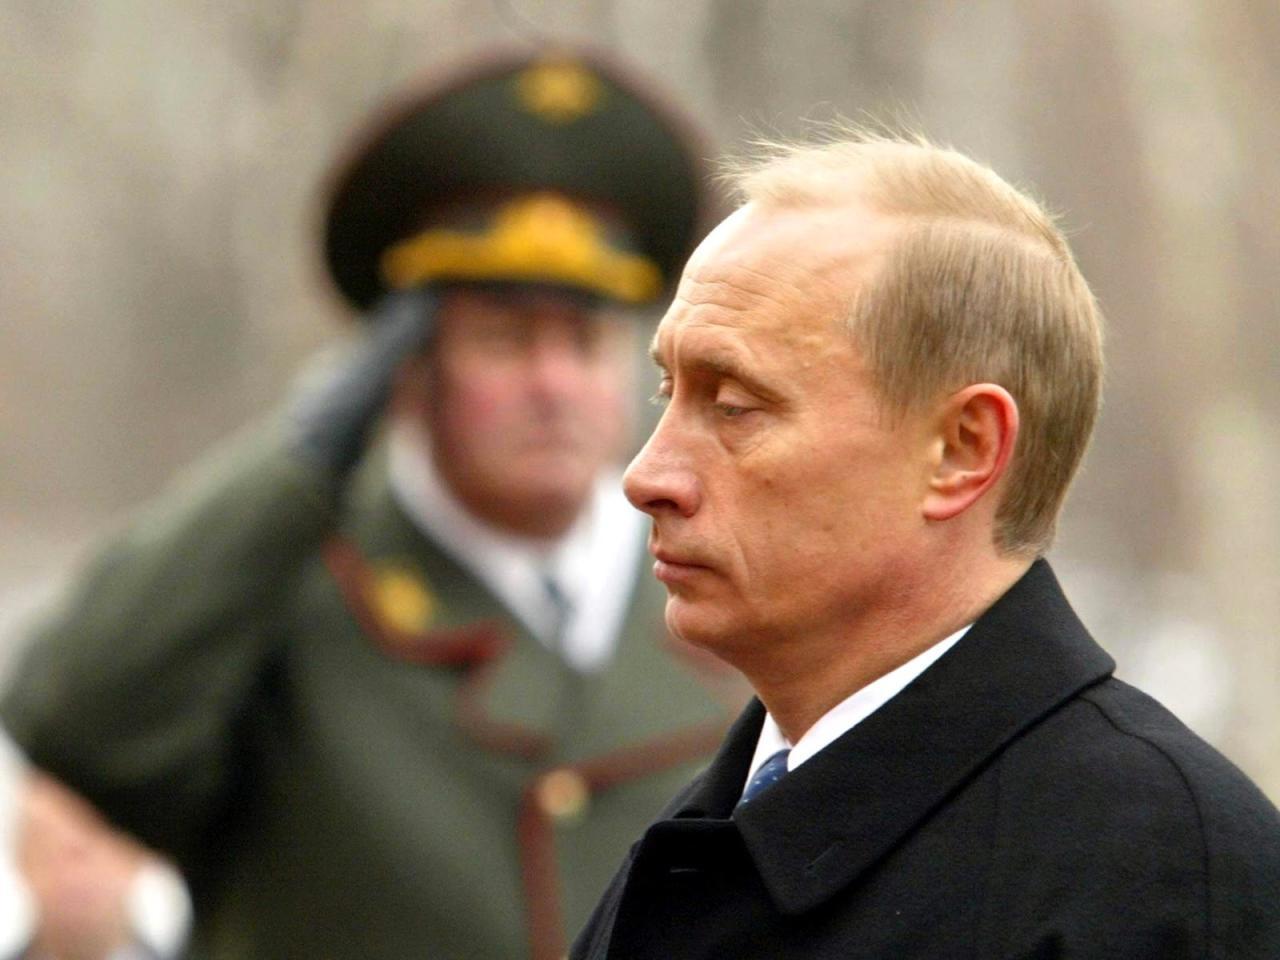 واشنطن  تعتبر أن هيبة روسيا على الساحة الدولية في خطر